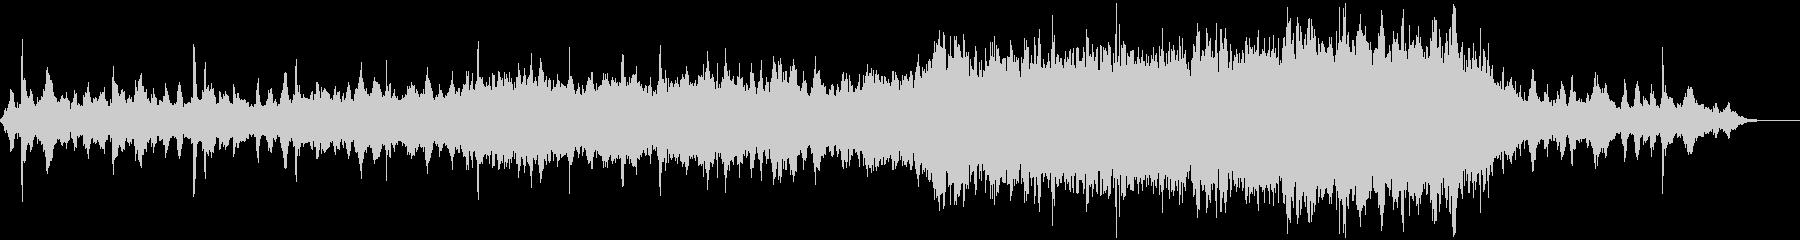 スペースファンタジー向けBGMの未再生の波形